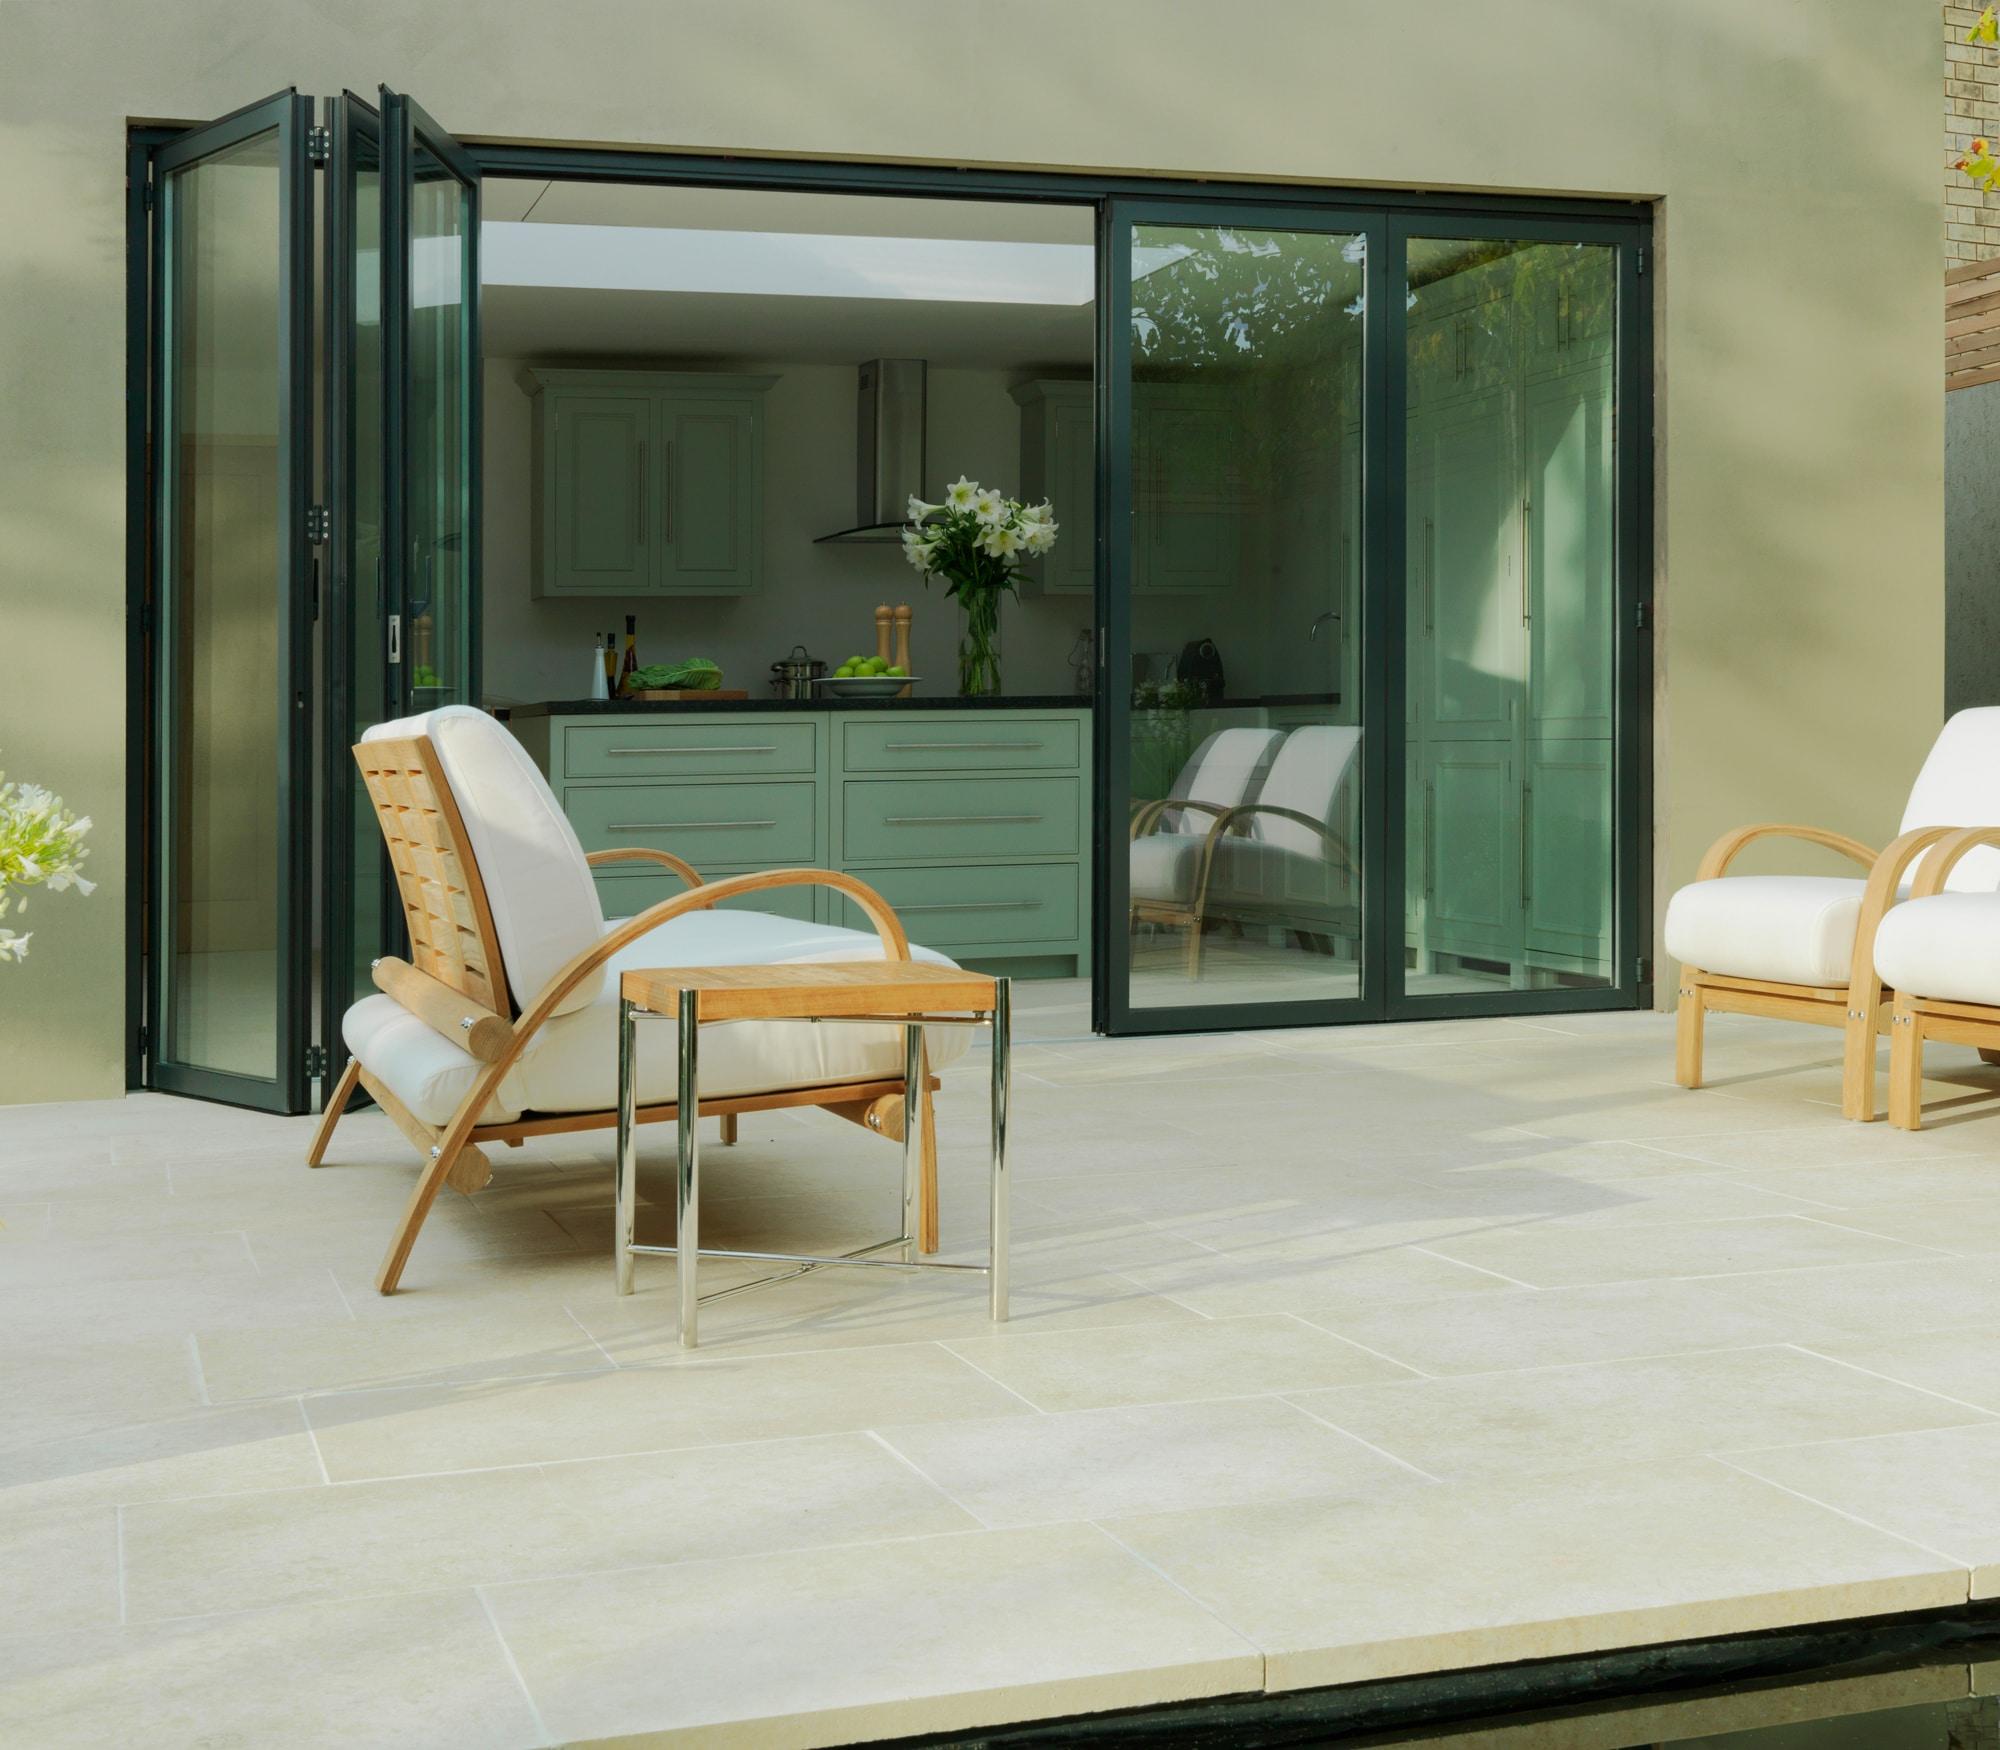 Glas Falttüre von der Küche auf die Terrasse